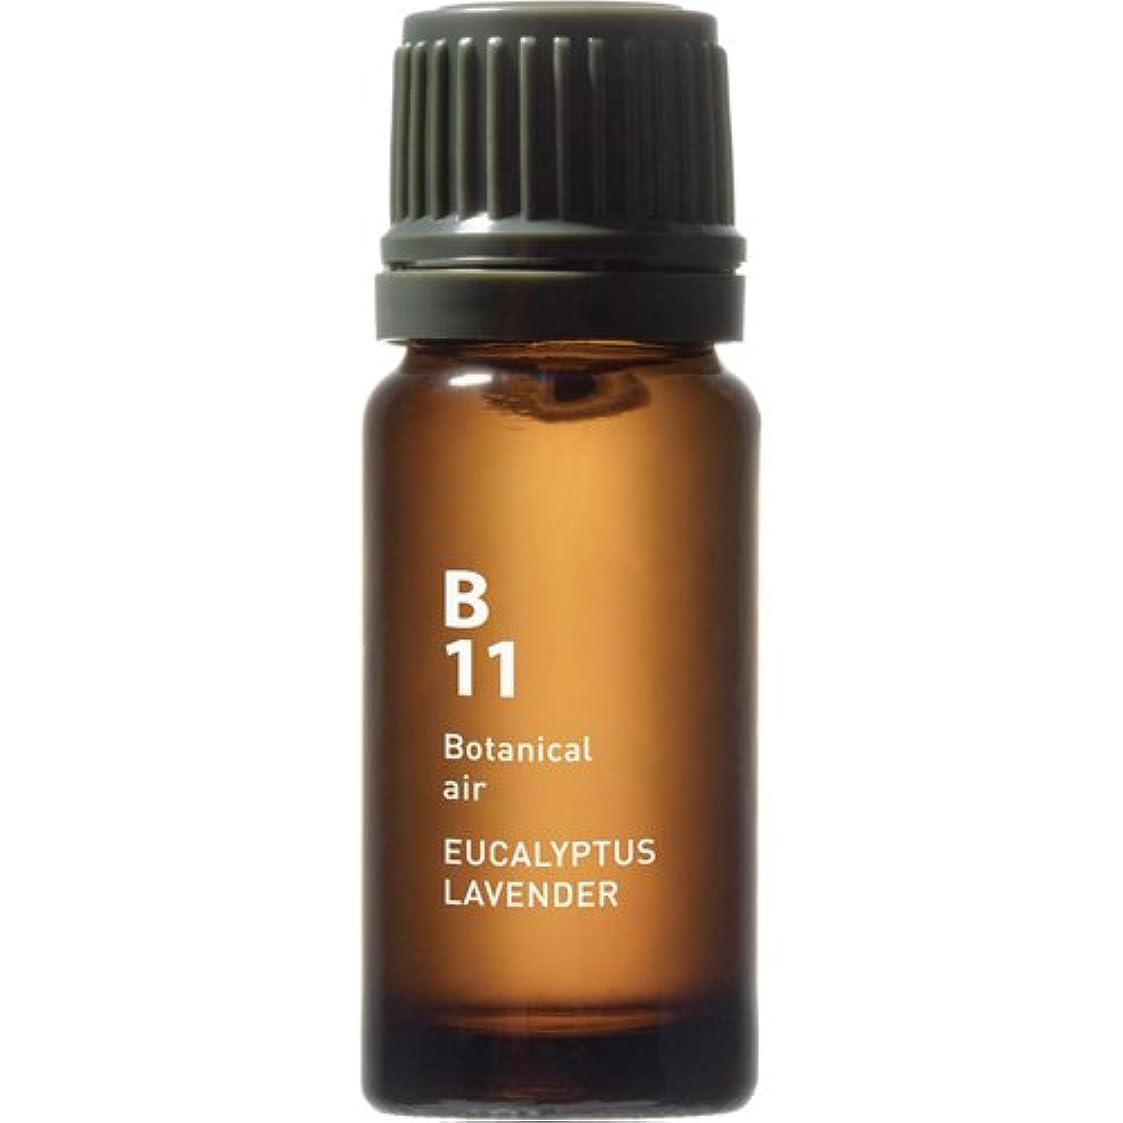 階段批判的に薬局B11 ユーカリラベンダー Botanical air(ボタニカルエアー) 10ml